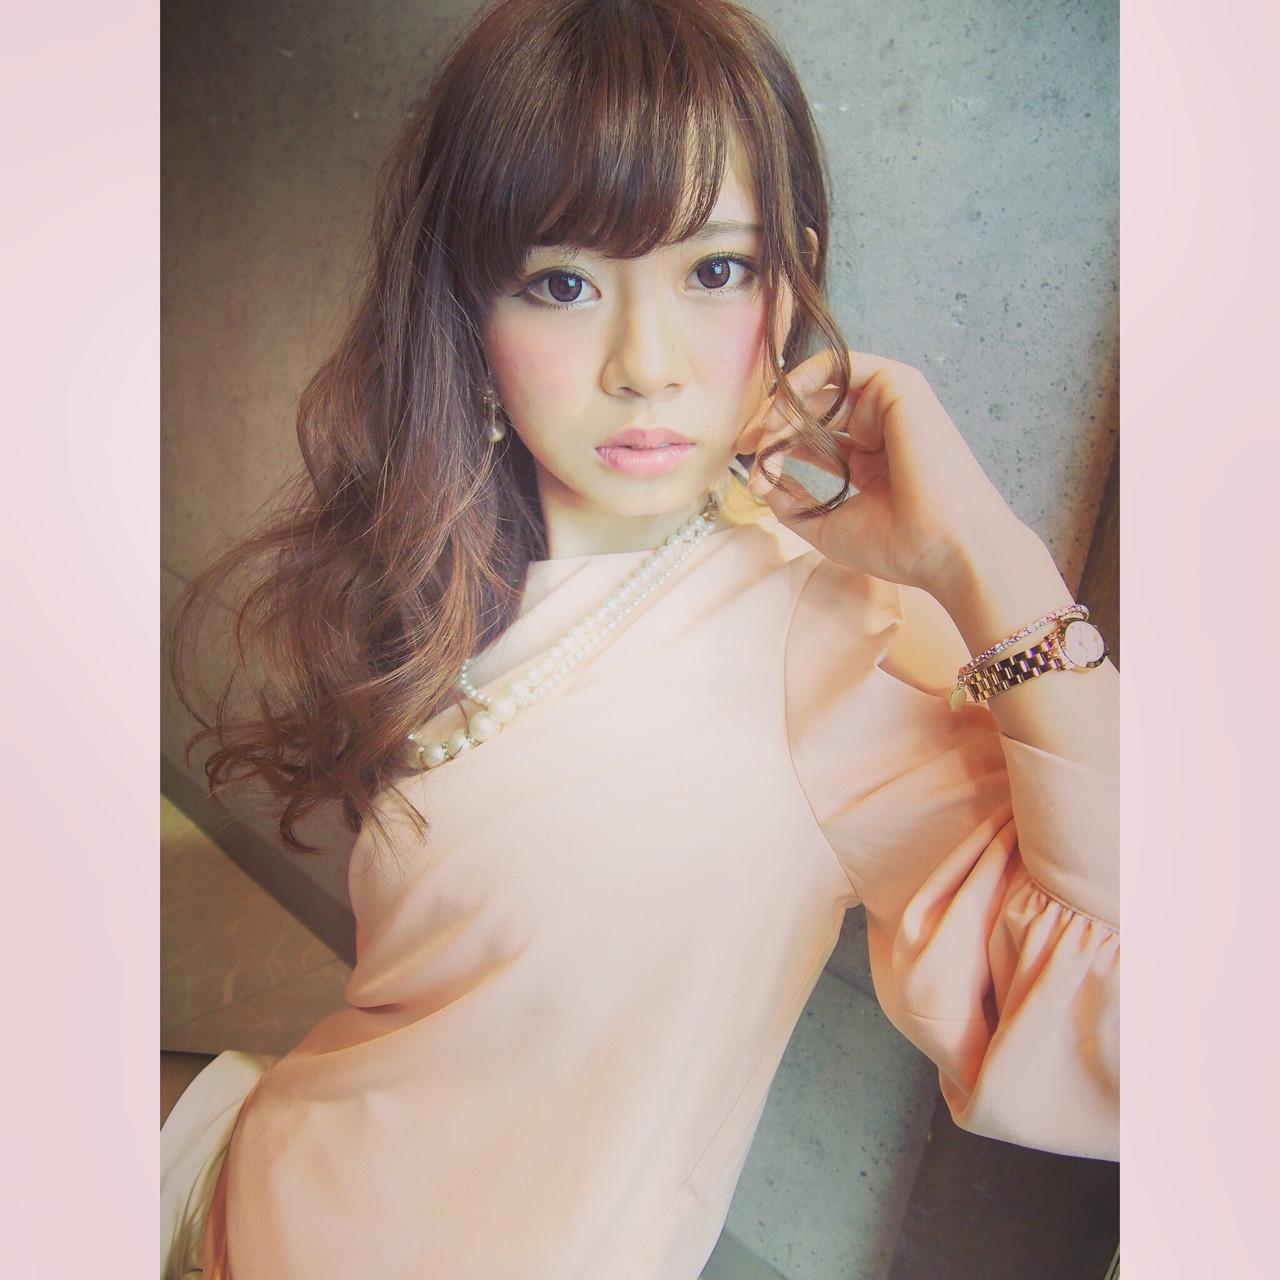 パーマ ゆるふわ ヘアアレンジ ピュア ヘアスタイルや髪型の写真・画像